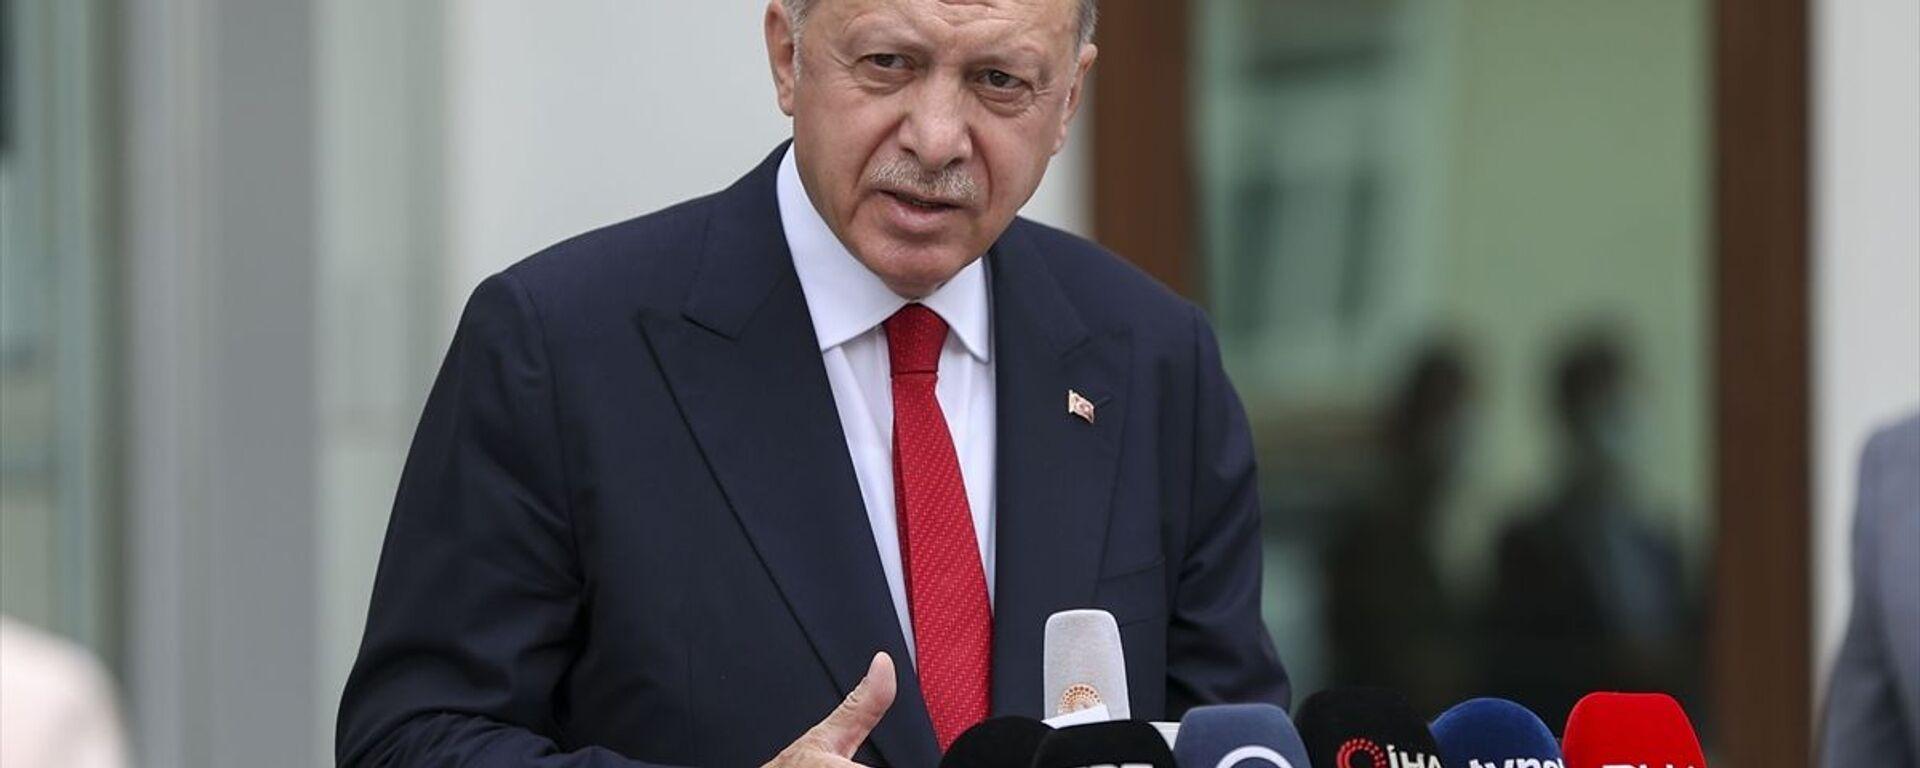 Recep Tayyip Erdoğan - Sputnik Türkiye, 1920, 29.08.2021